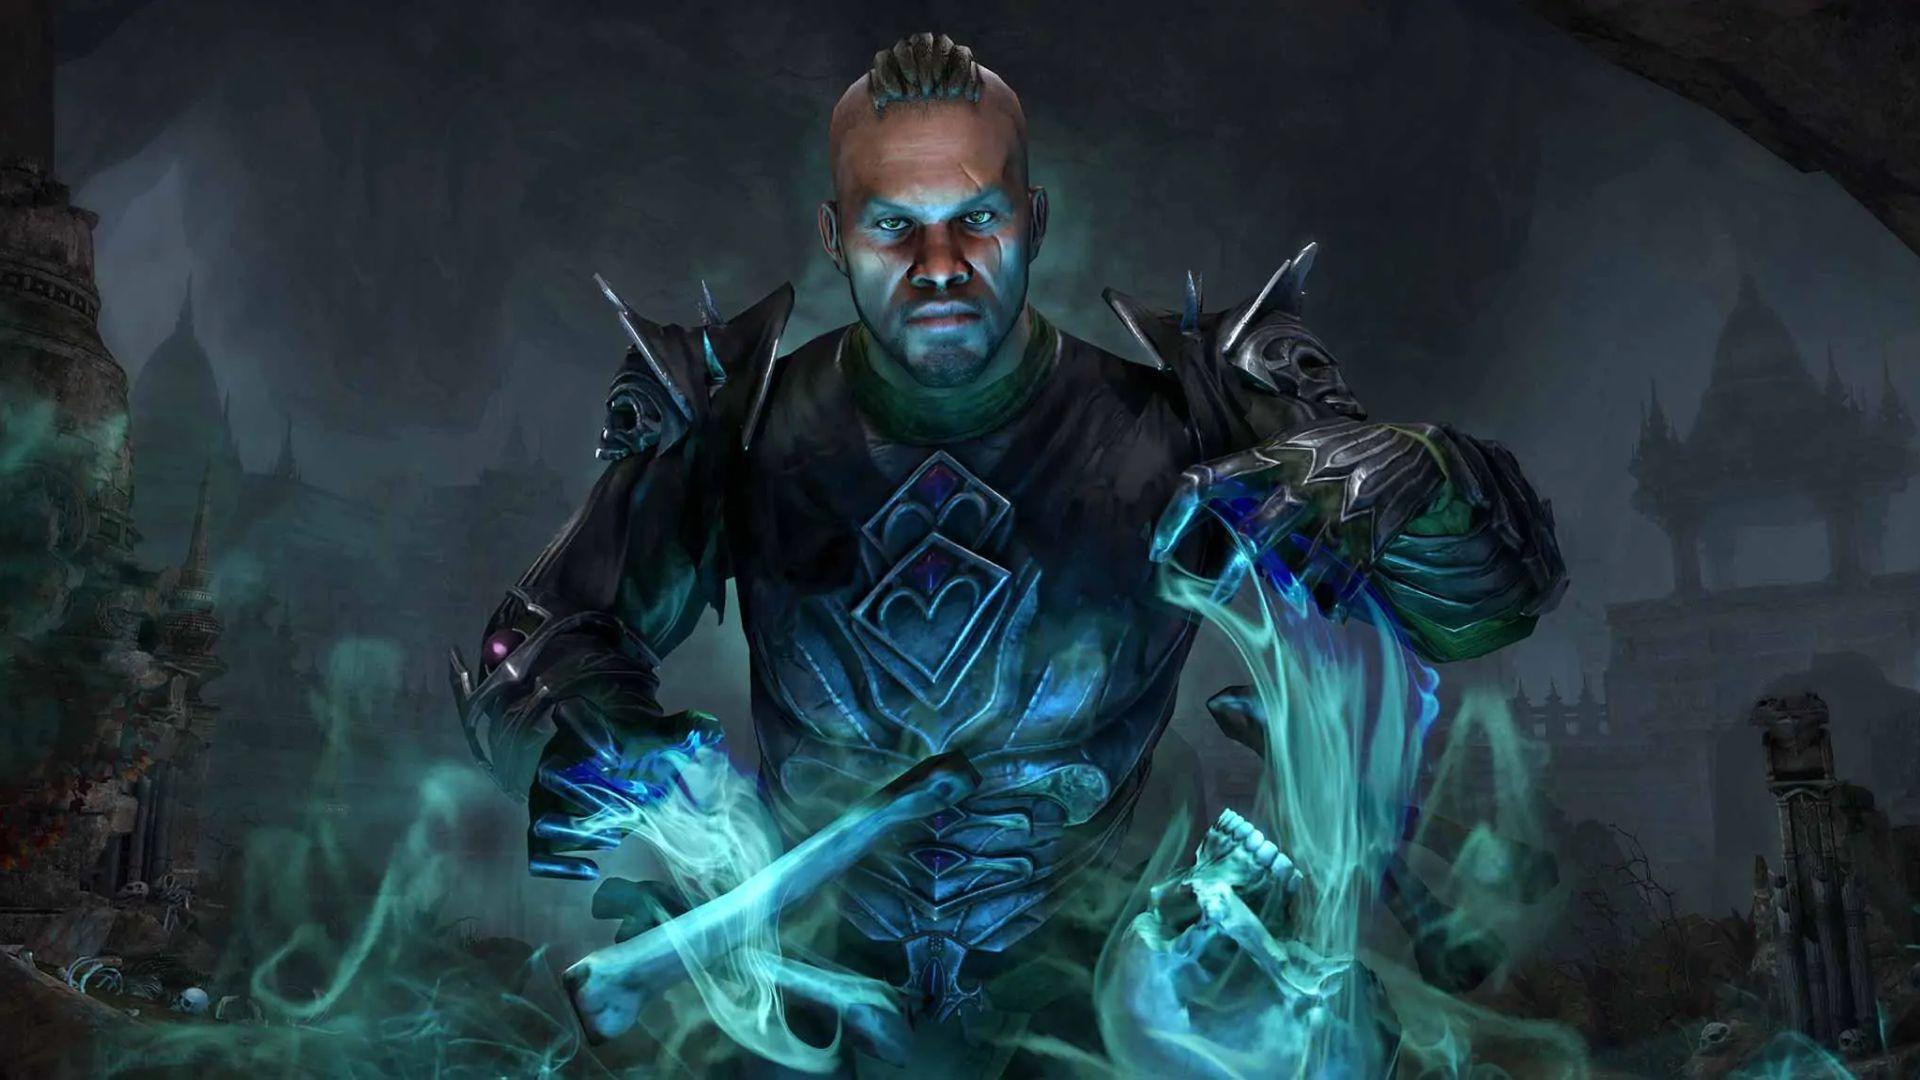 Skyrim's dragons were a cinch next to Elder Scrolls Online